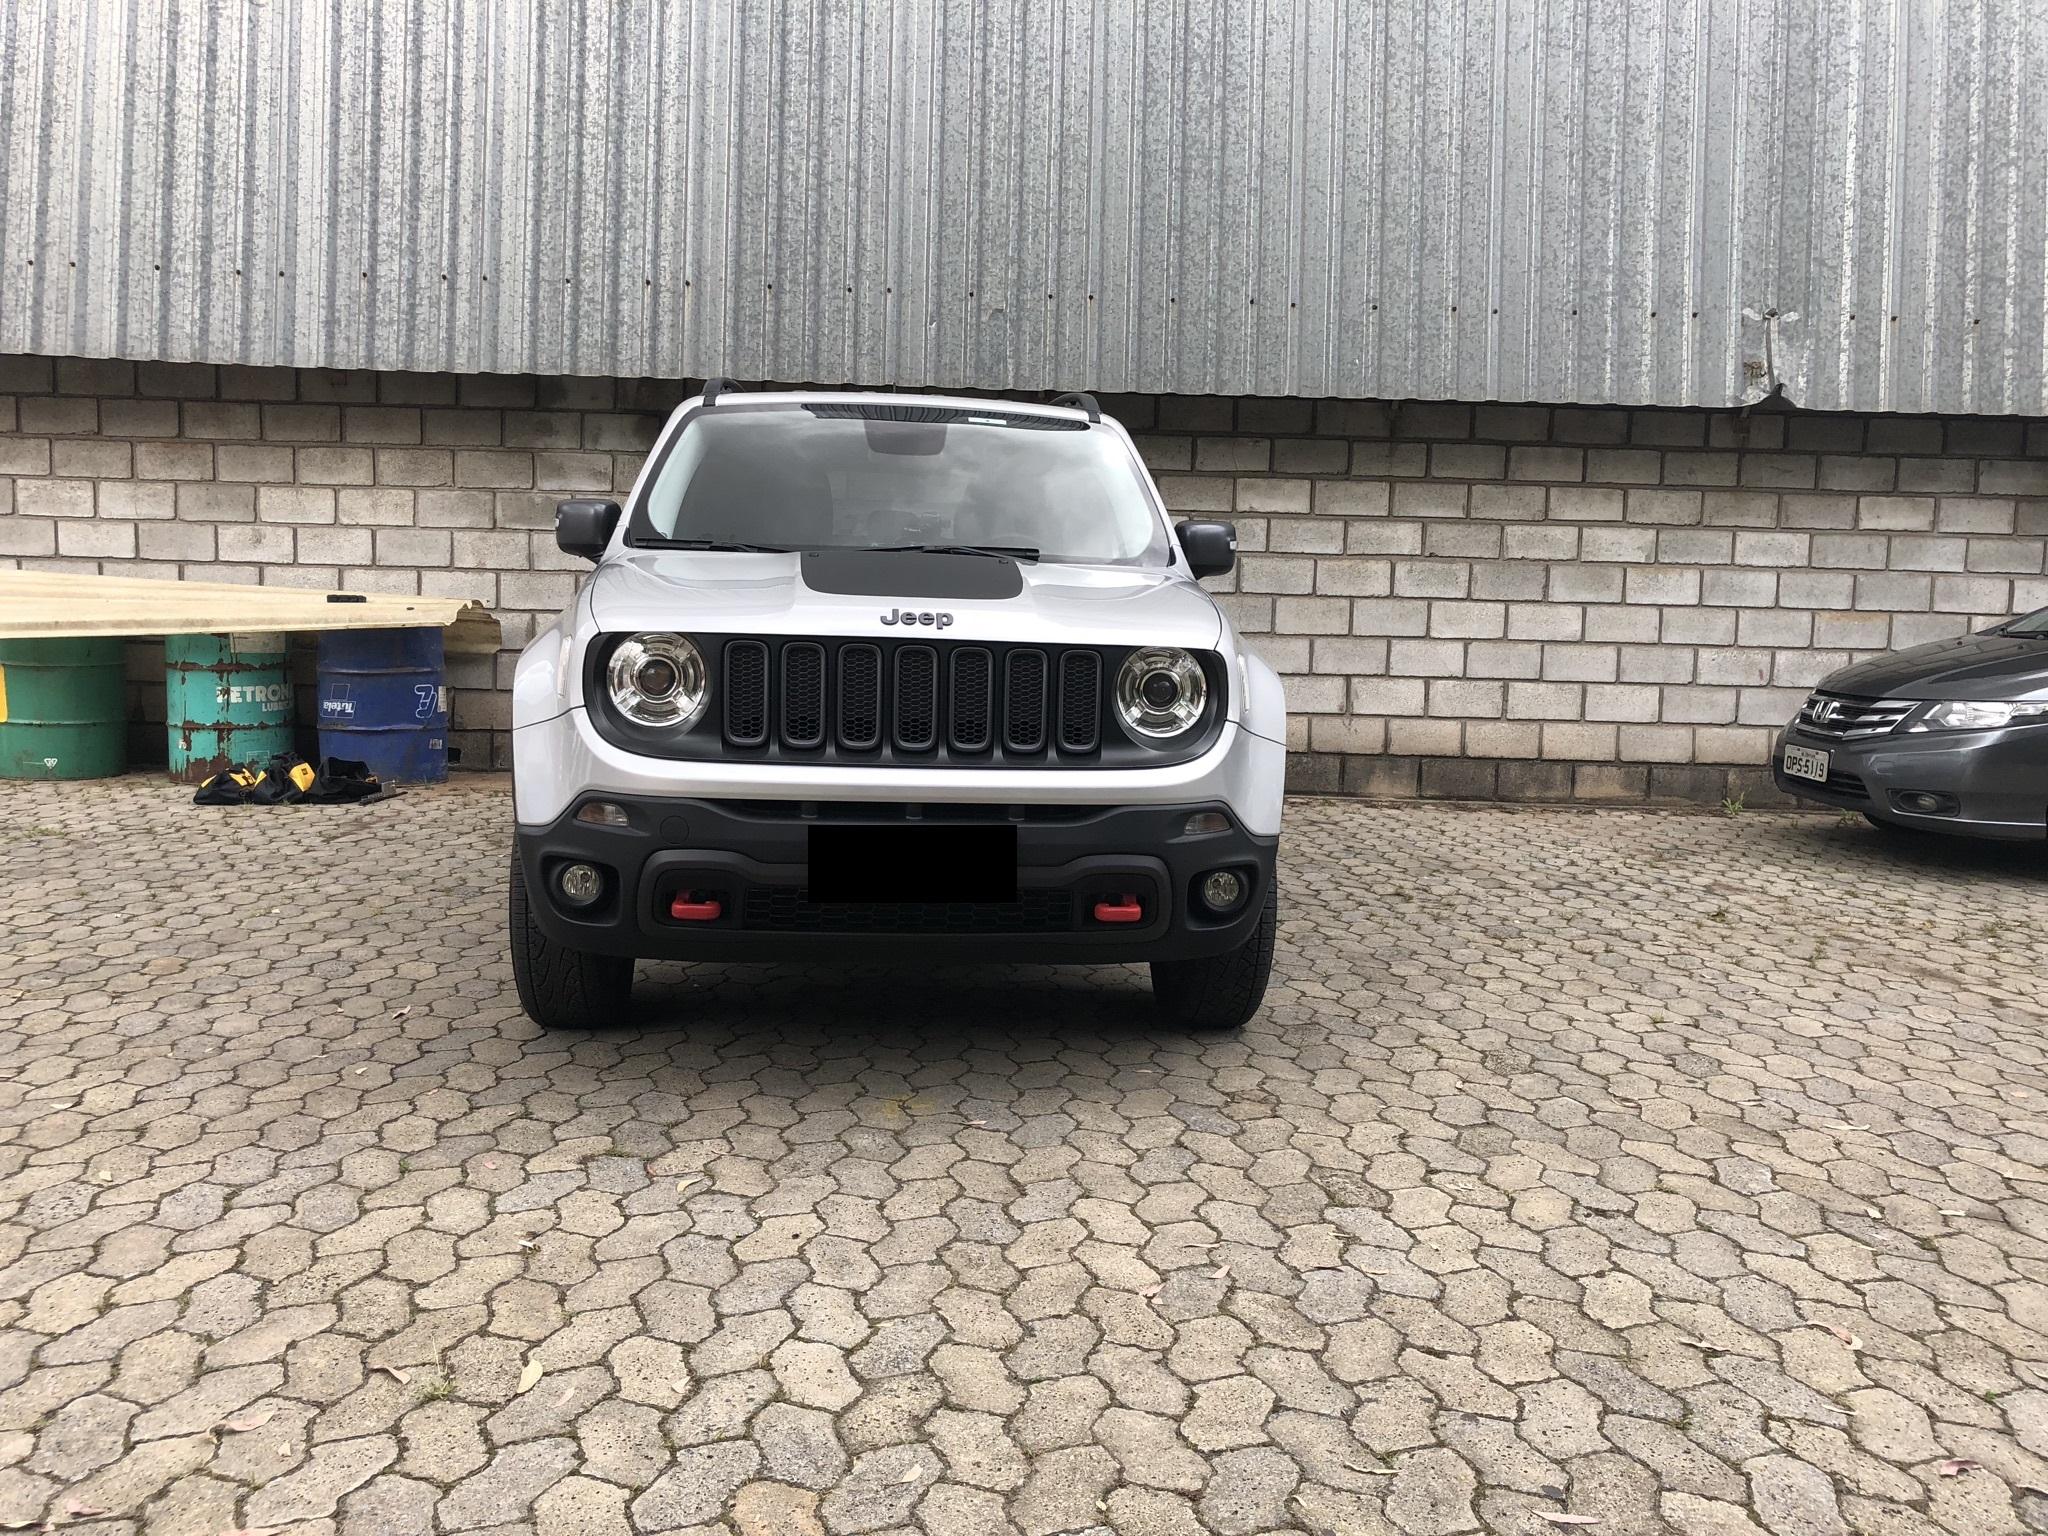 """Espaçador de Roda Exclusivo Jeep Renegade - 1"""" (uma polegada) Img_8313"""